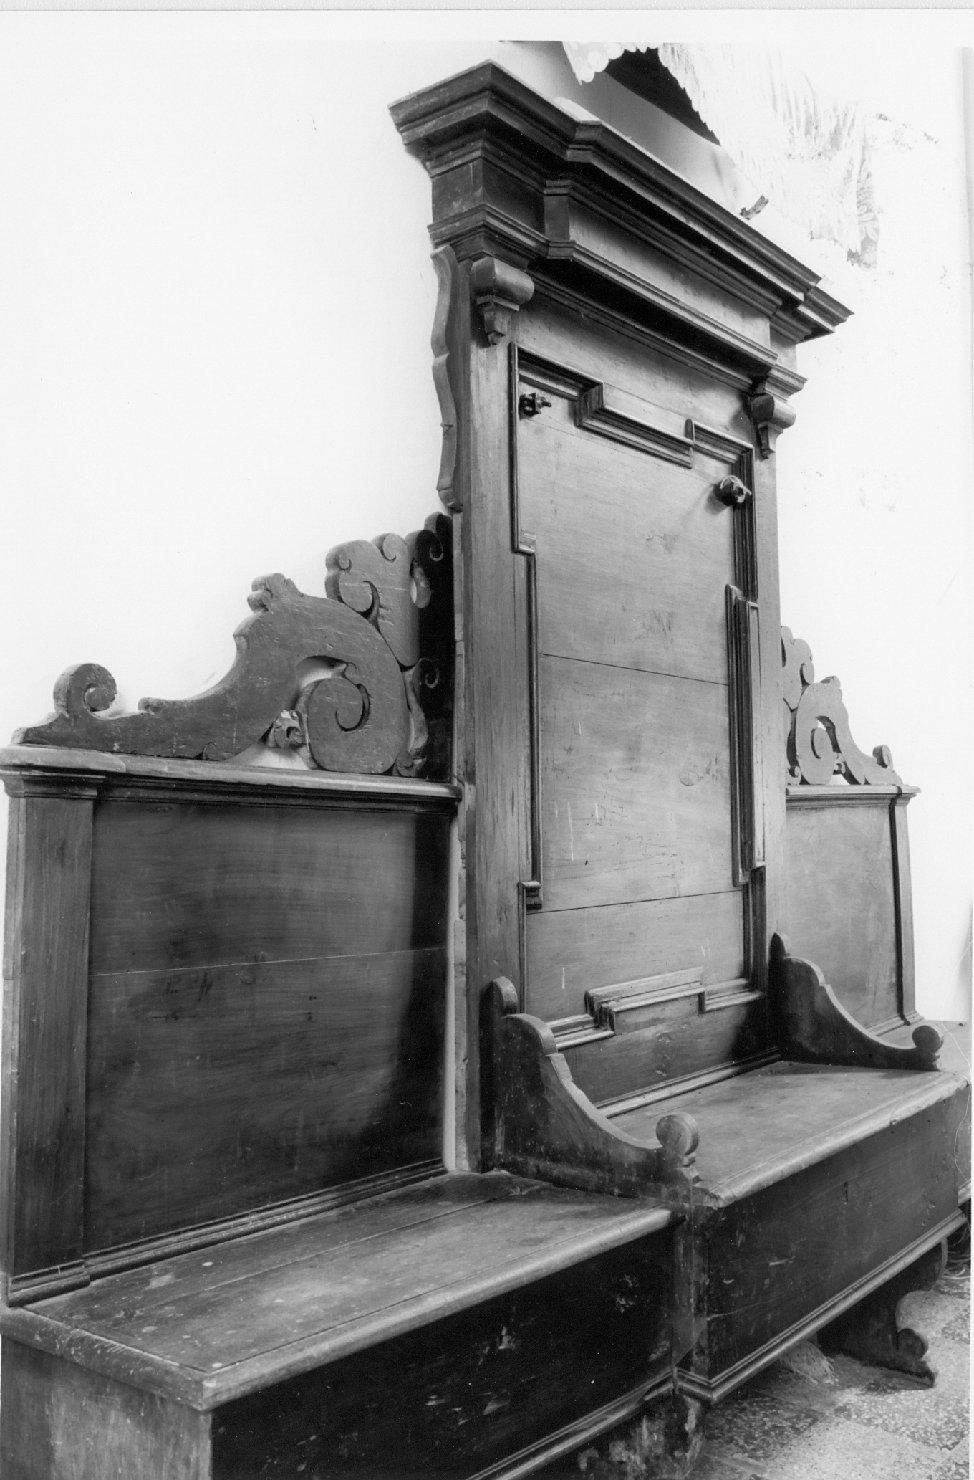 cattedra da sacrestia - manifattura emiliana (inizio sec. XVIII)